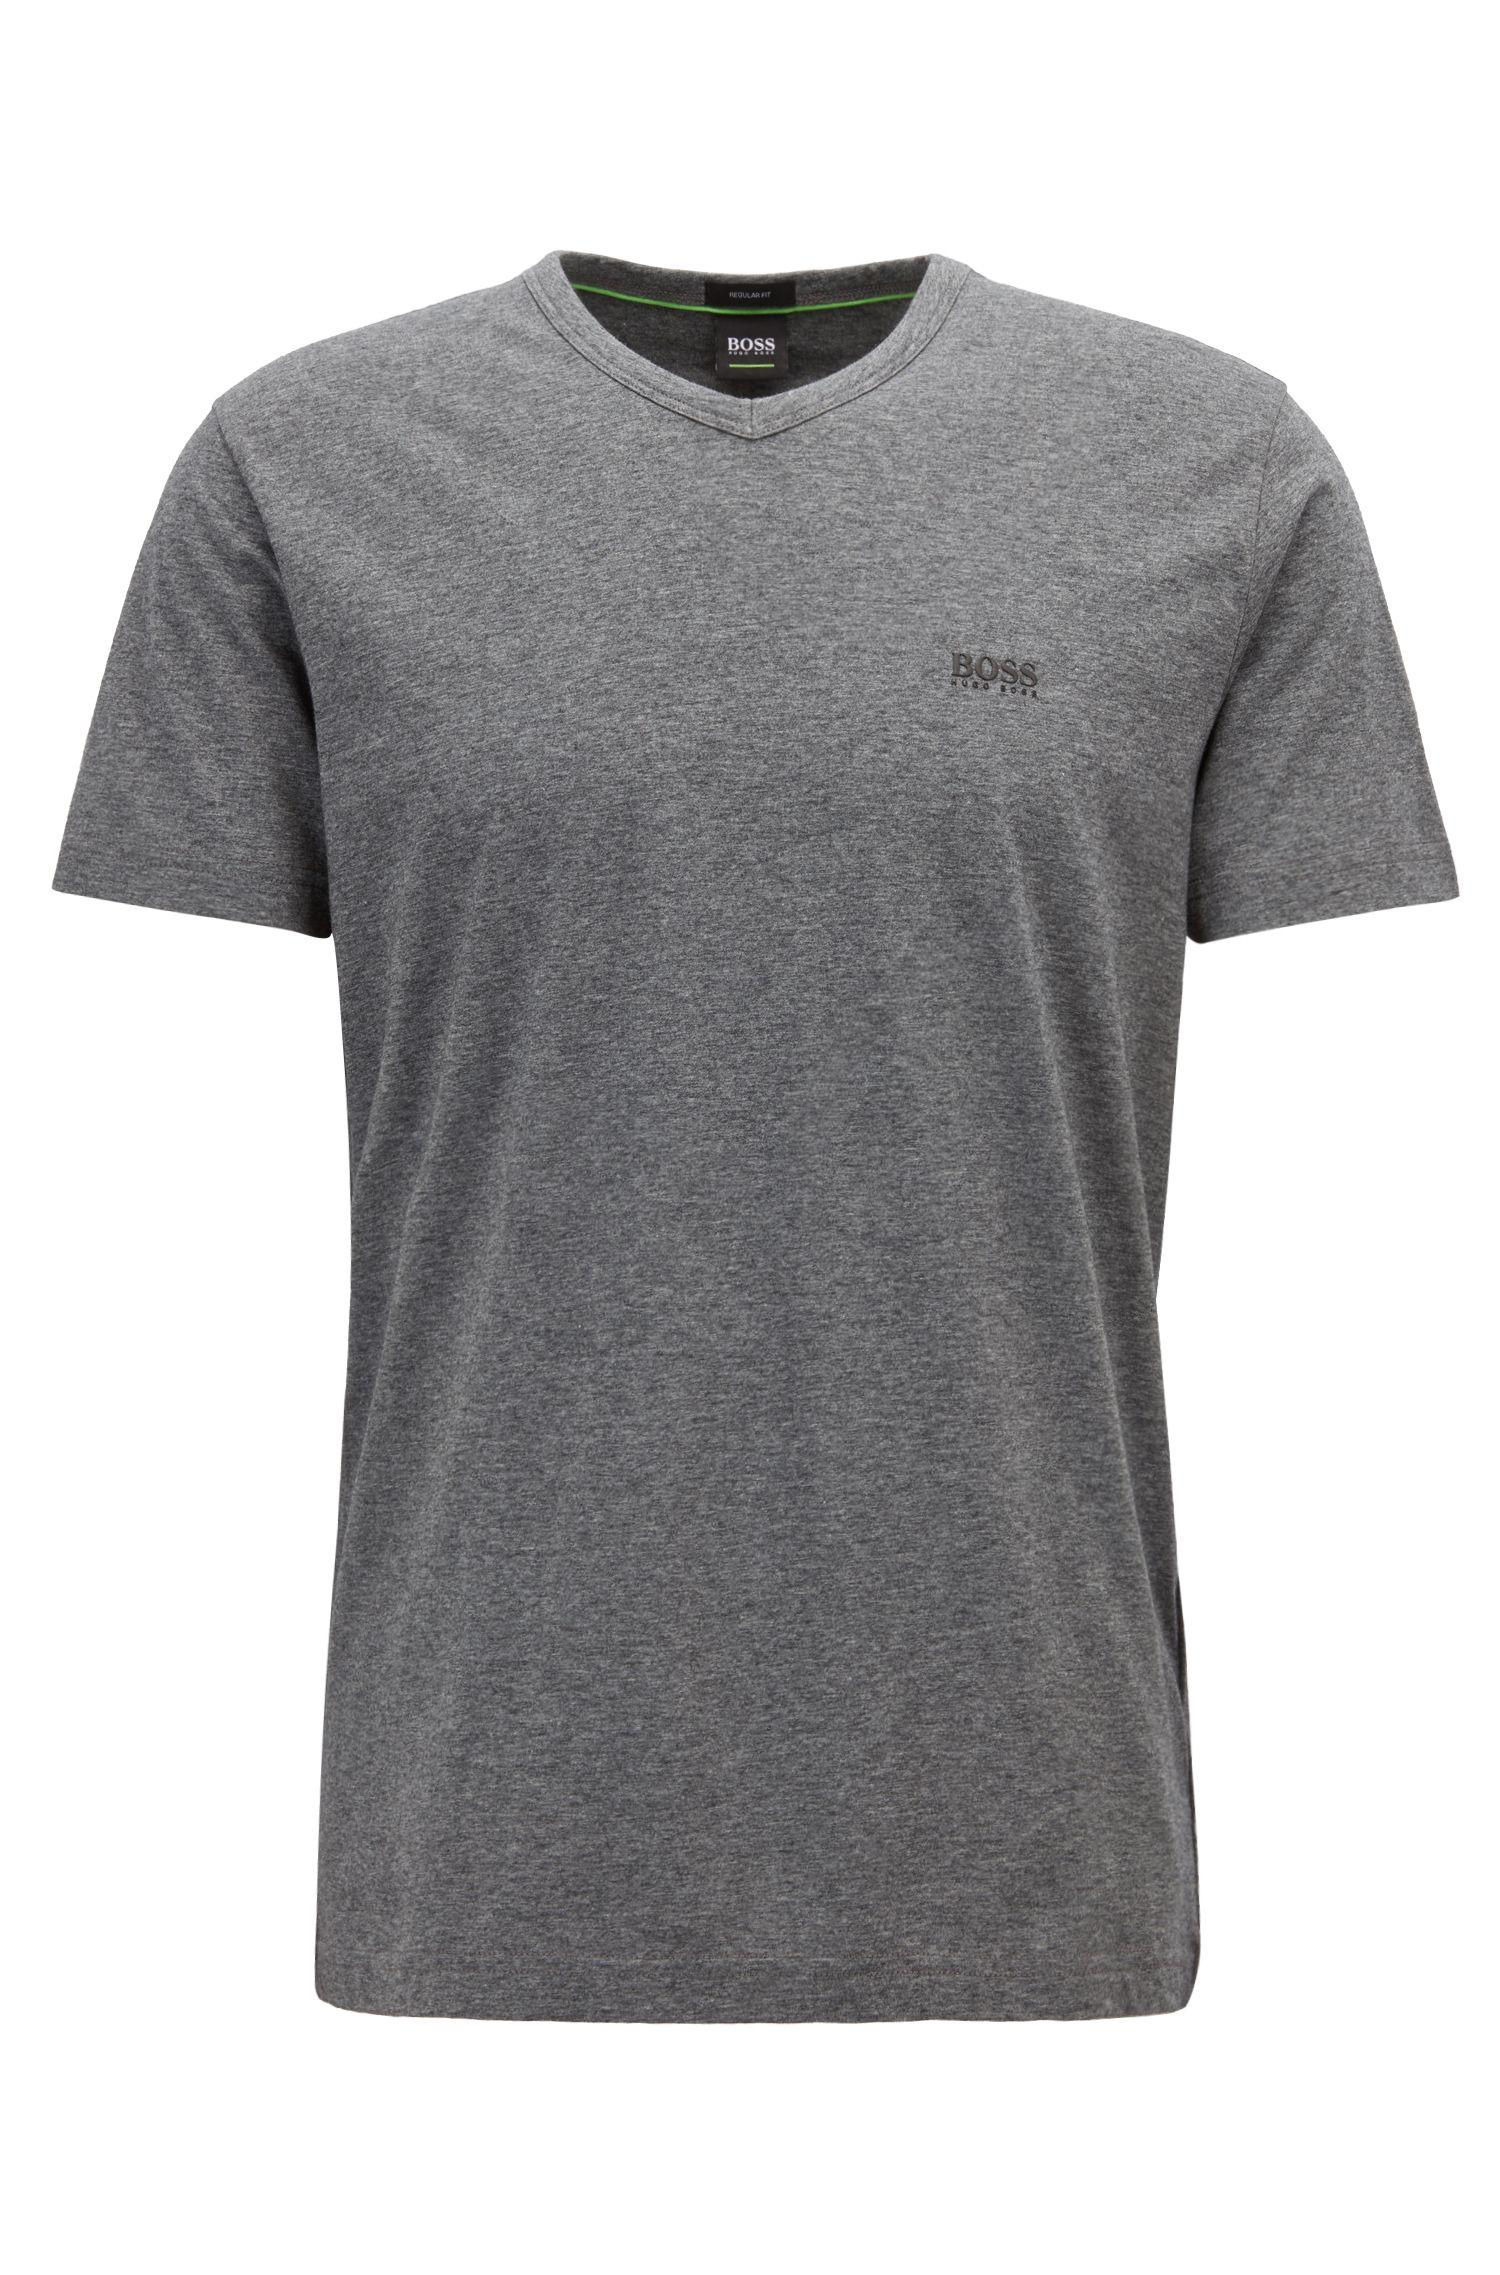 Regular-fit V-neck T-shirt in soft cotton, Grey